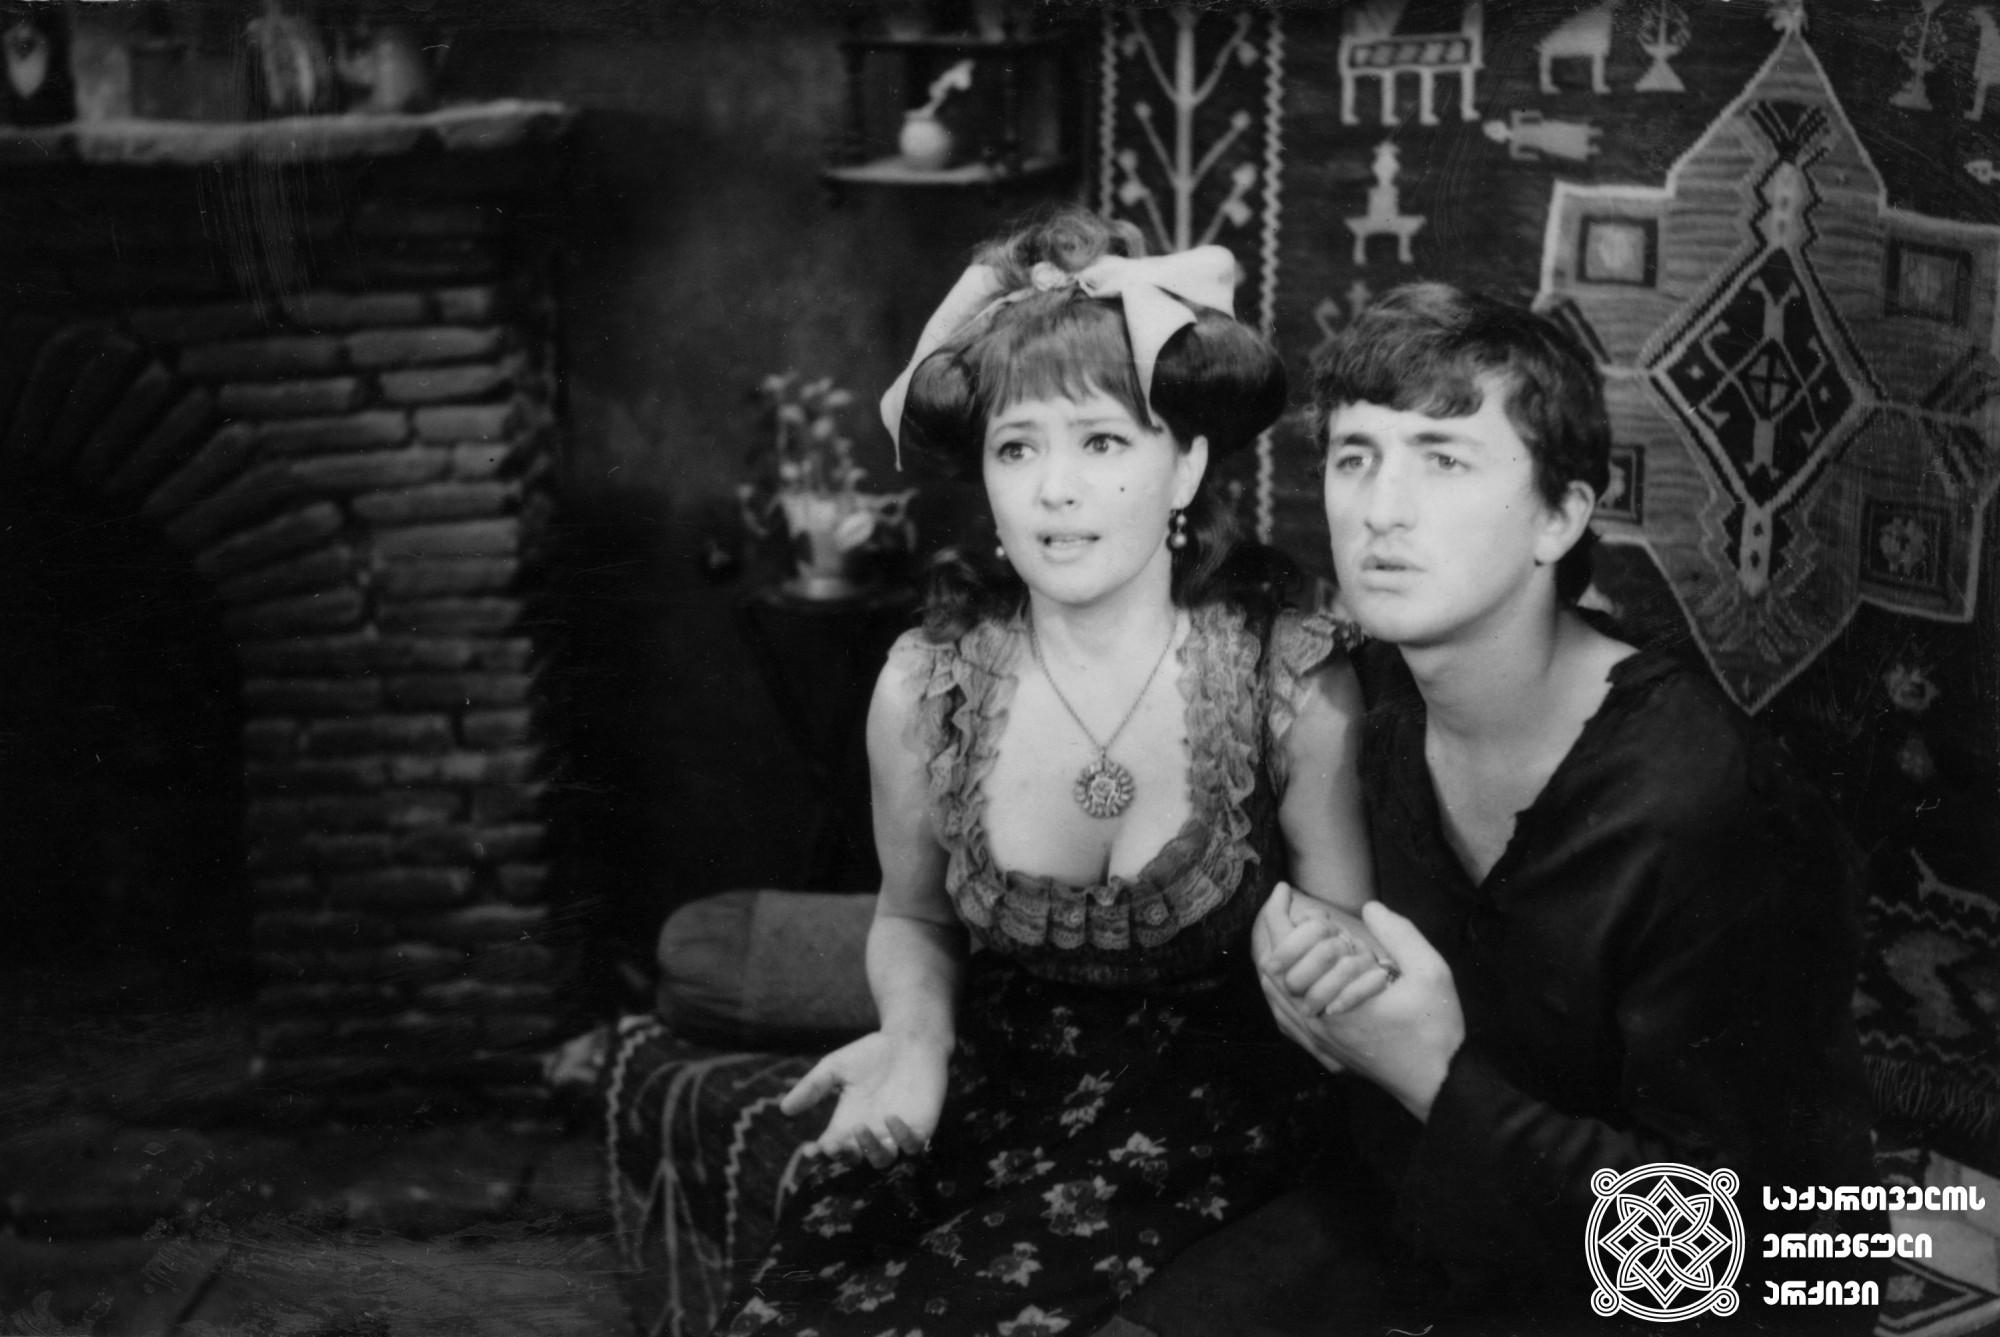 """მხატვრული ფილმი """"შერეკილები"""", მსახიობები: არიადნა შენგელეია და დავით ჟღენტი. <br> რეჟისორი: ელდარ შენგელაია. <br> 1973. <br>  Feature film """"The Eccentricts"""", actors: Ariadna Shengelaia and Davit Zhghenti. <br> Director: Eldar Shengelaia. <br> 1973."""